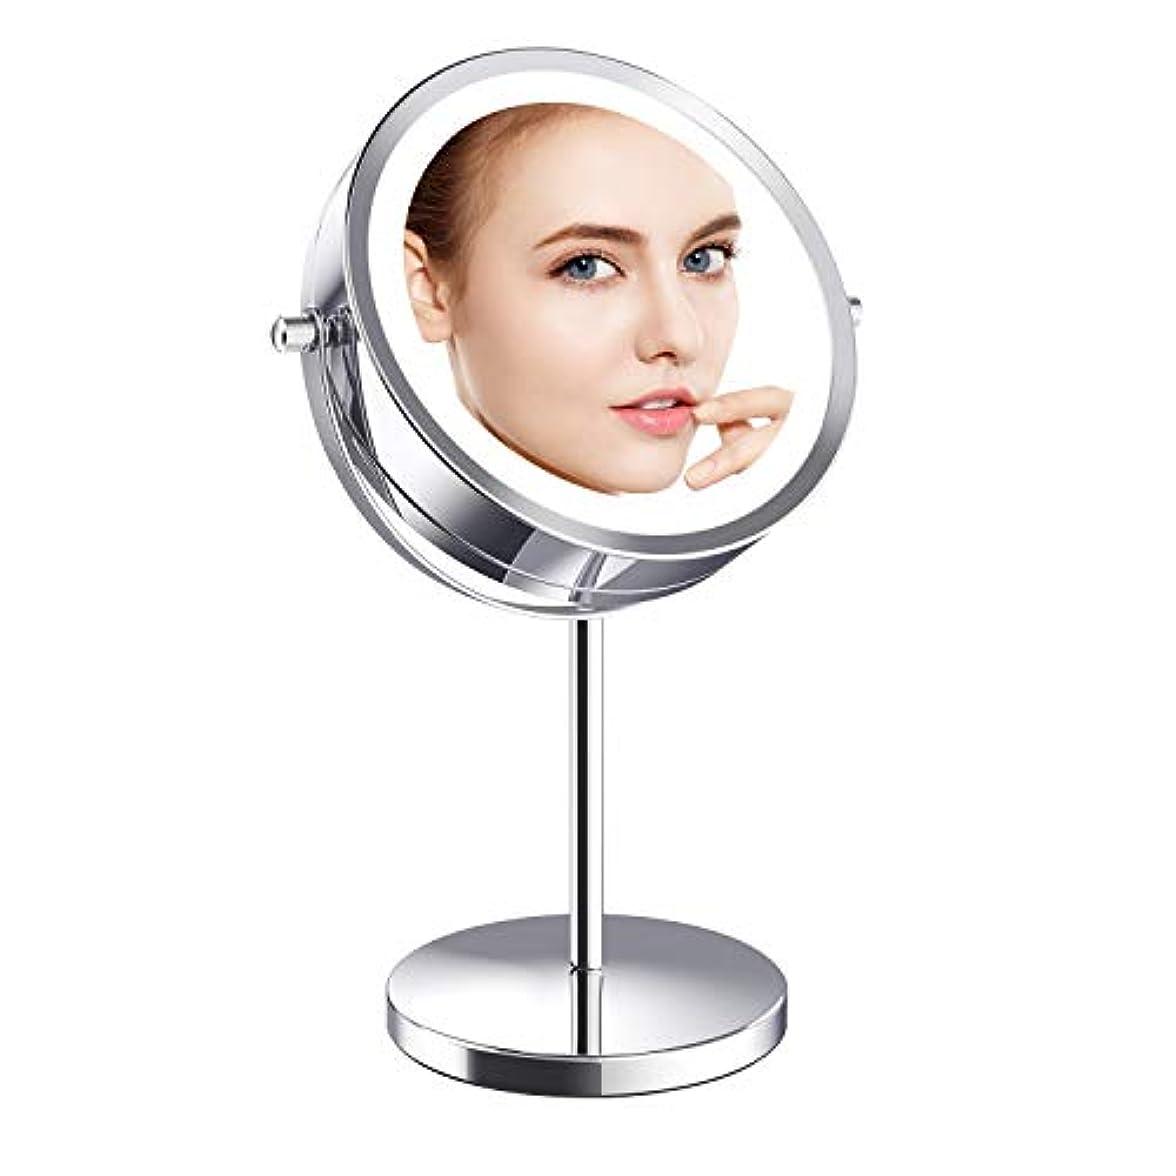 飲料ミニチュア輝度Gospire 化粧鏡 10倍拡大鏡+等倍鏡 LED卓上化粧鏡 メイクミラー 両面型 360度回転式 日本語説明書付き ライティングミラー プレゼント